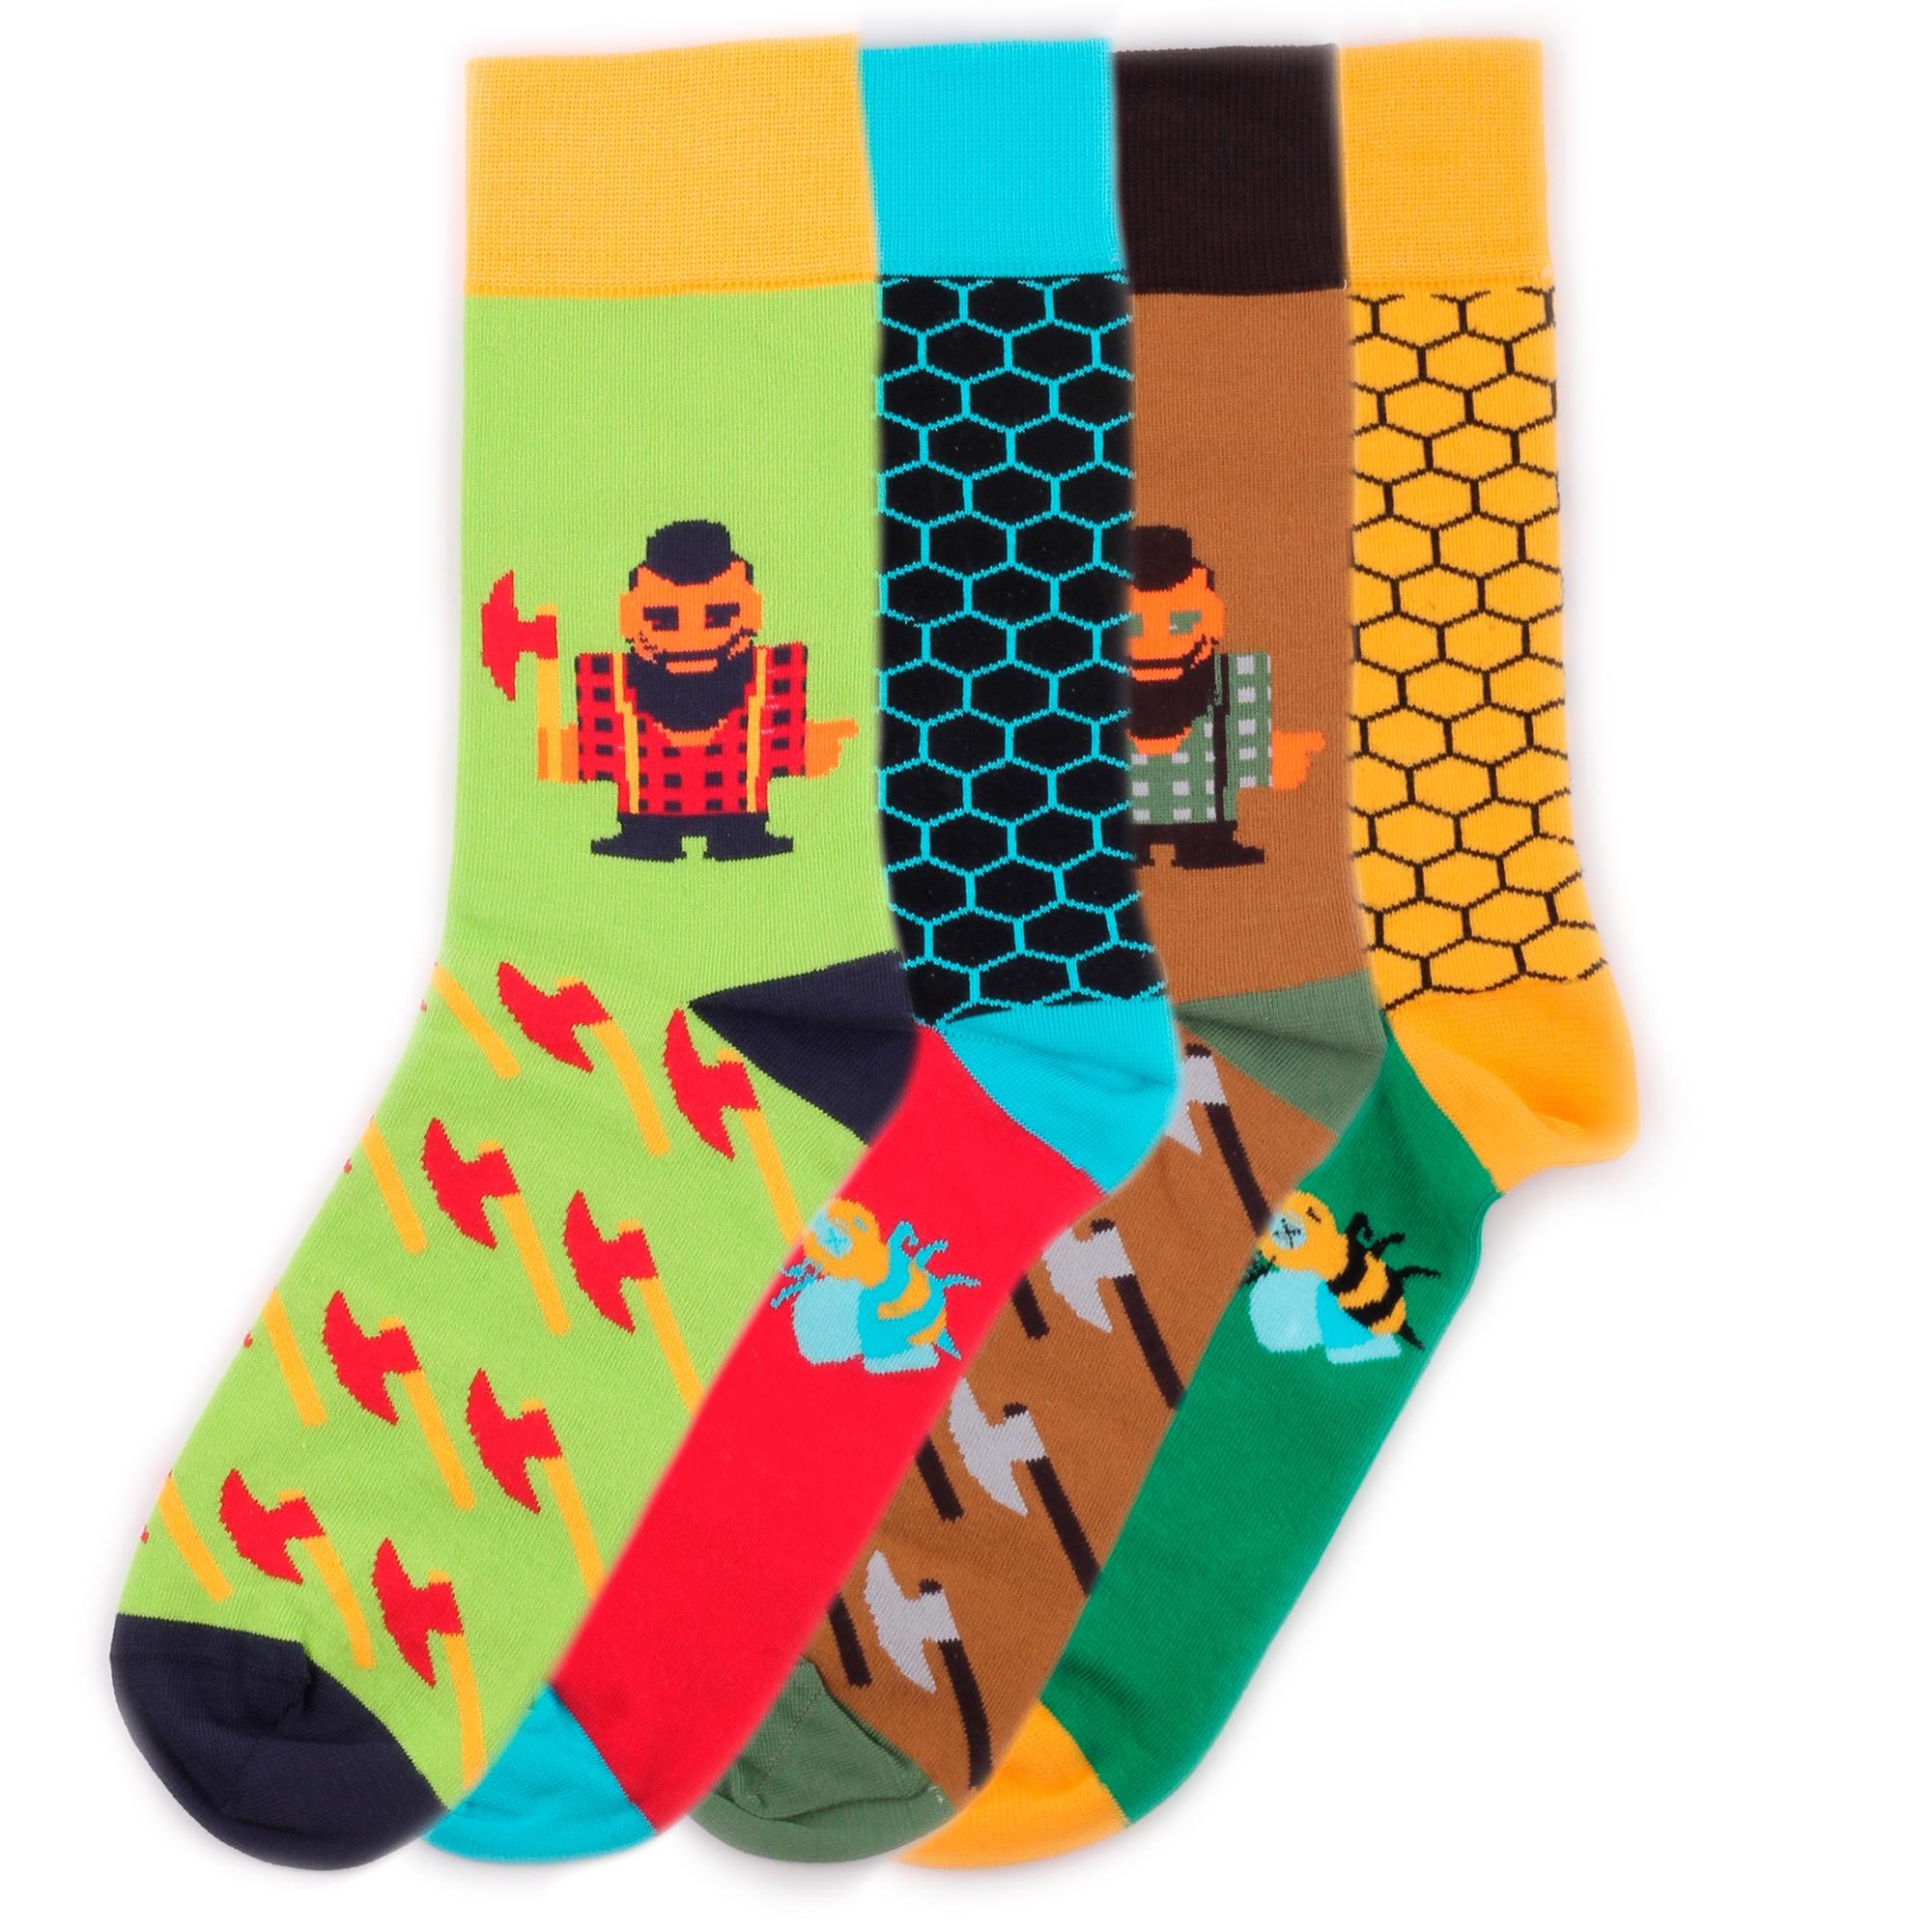 Набор носков Burning heels Bees Lumberjack разноцветный 42-45